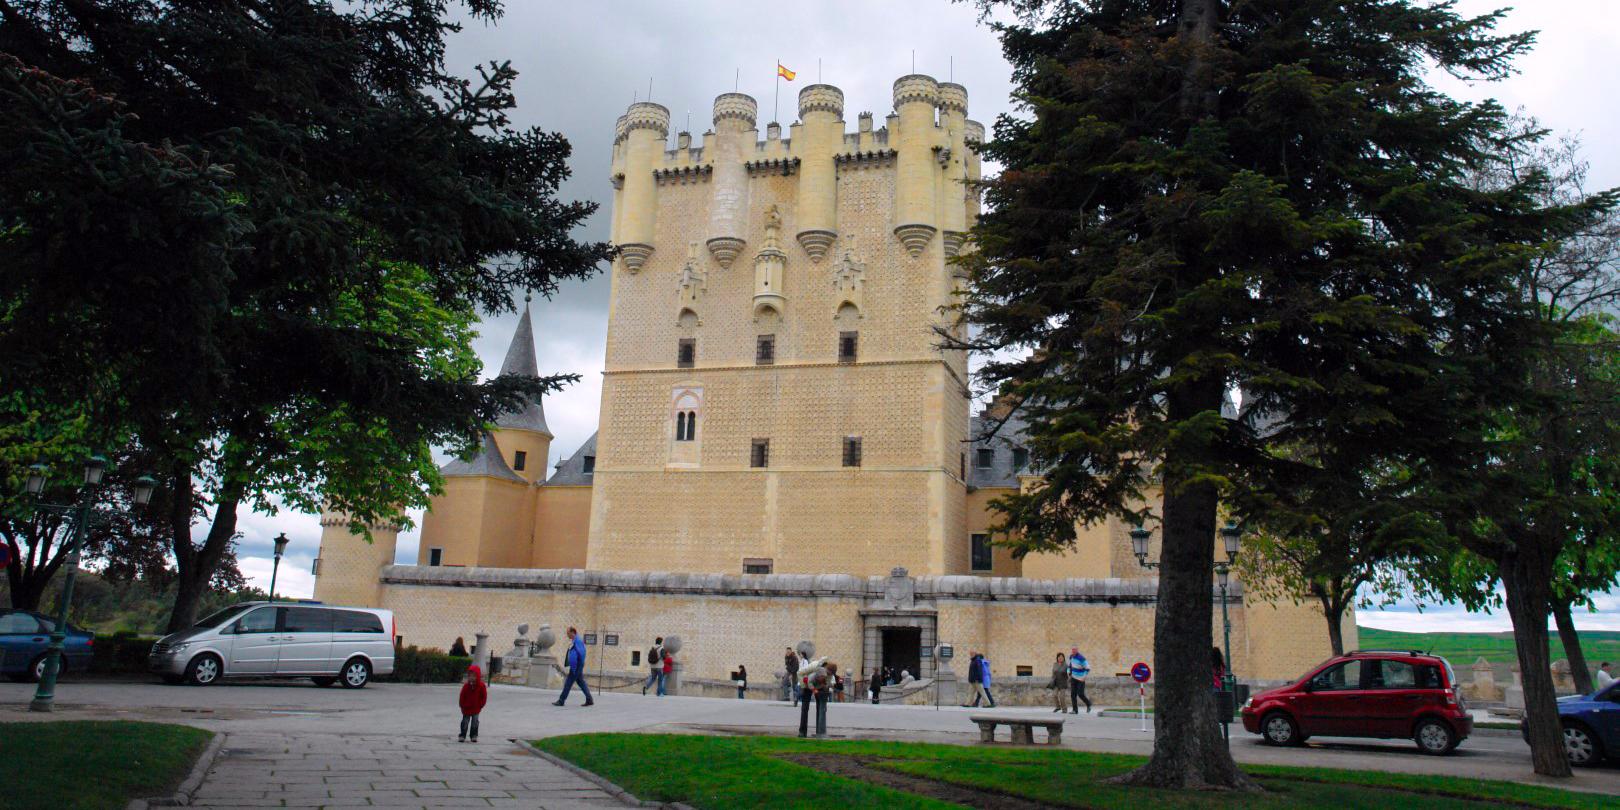 Qué ver Segovia, España qué ver en segovia - 31097734445 2f33d31352 o - Qué ver en Segovia, España